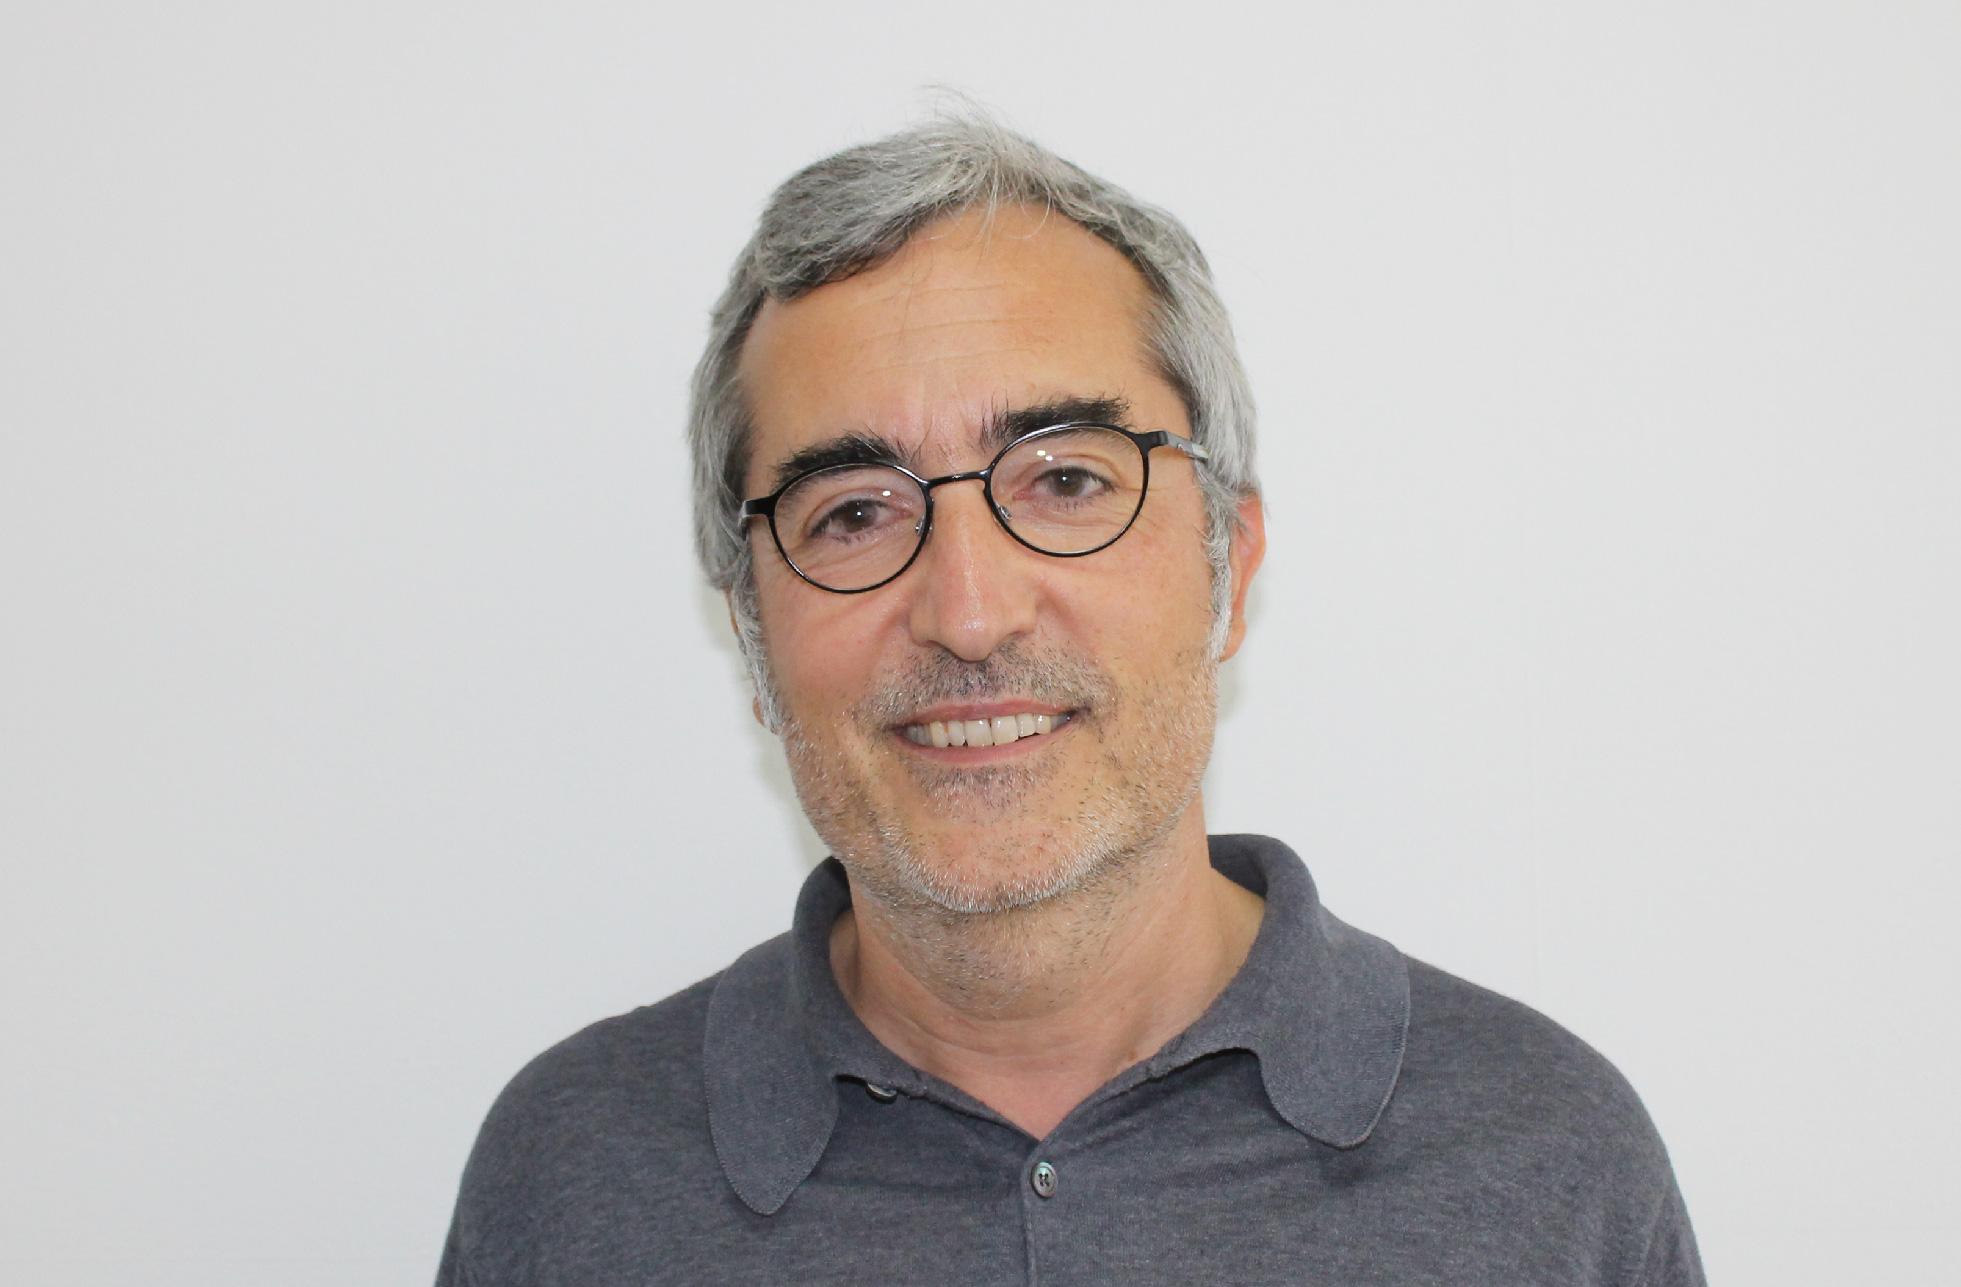 Henrique Silveira lidera o projeto que obteve um financiamento inicial de 100 mil dólares